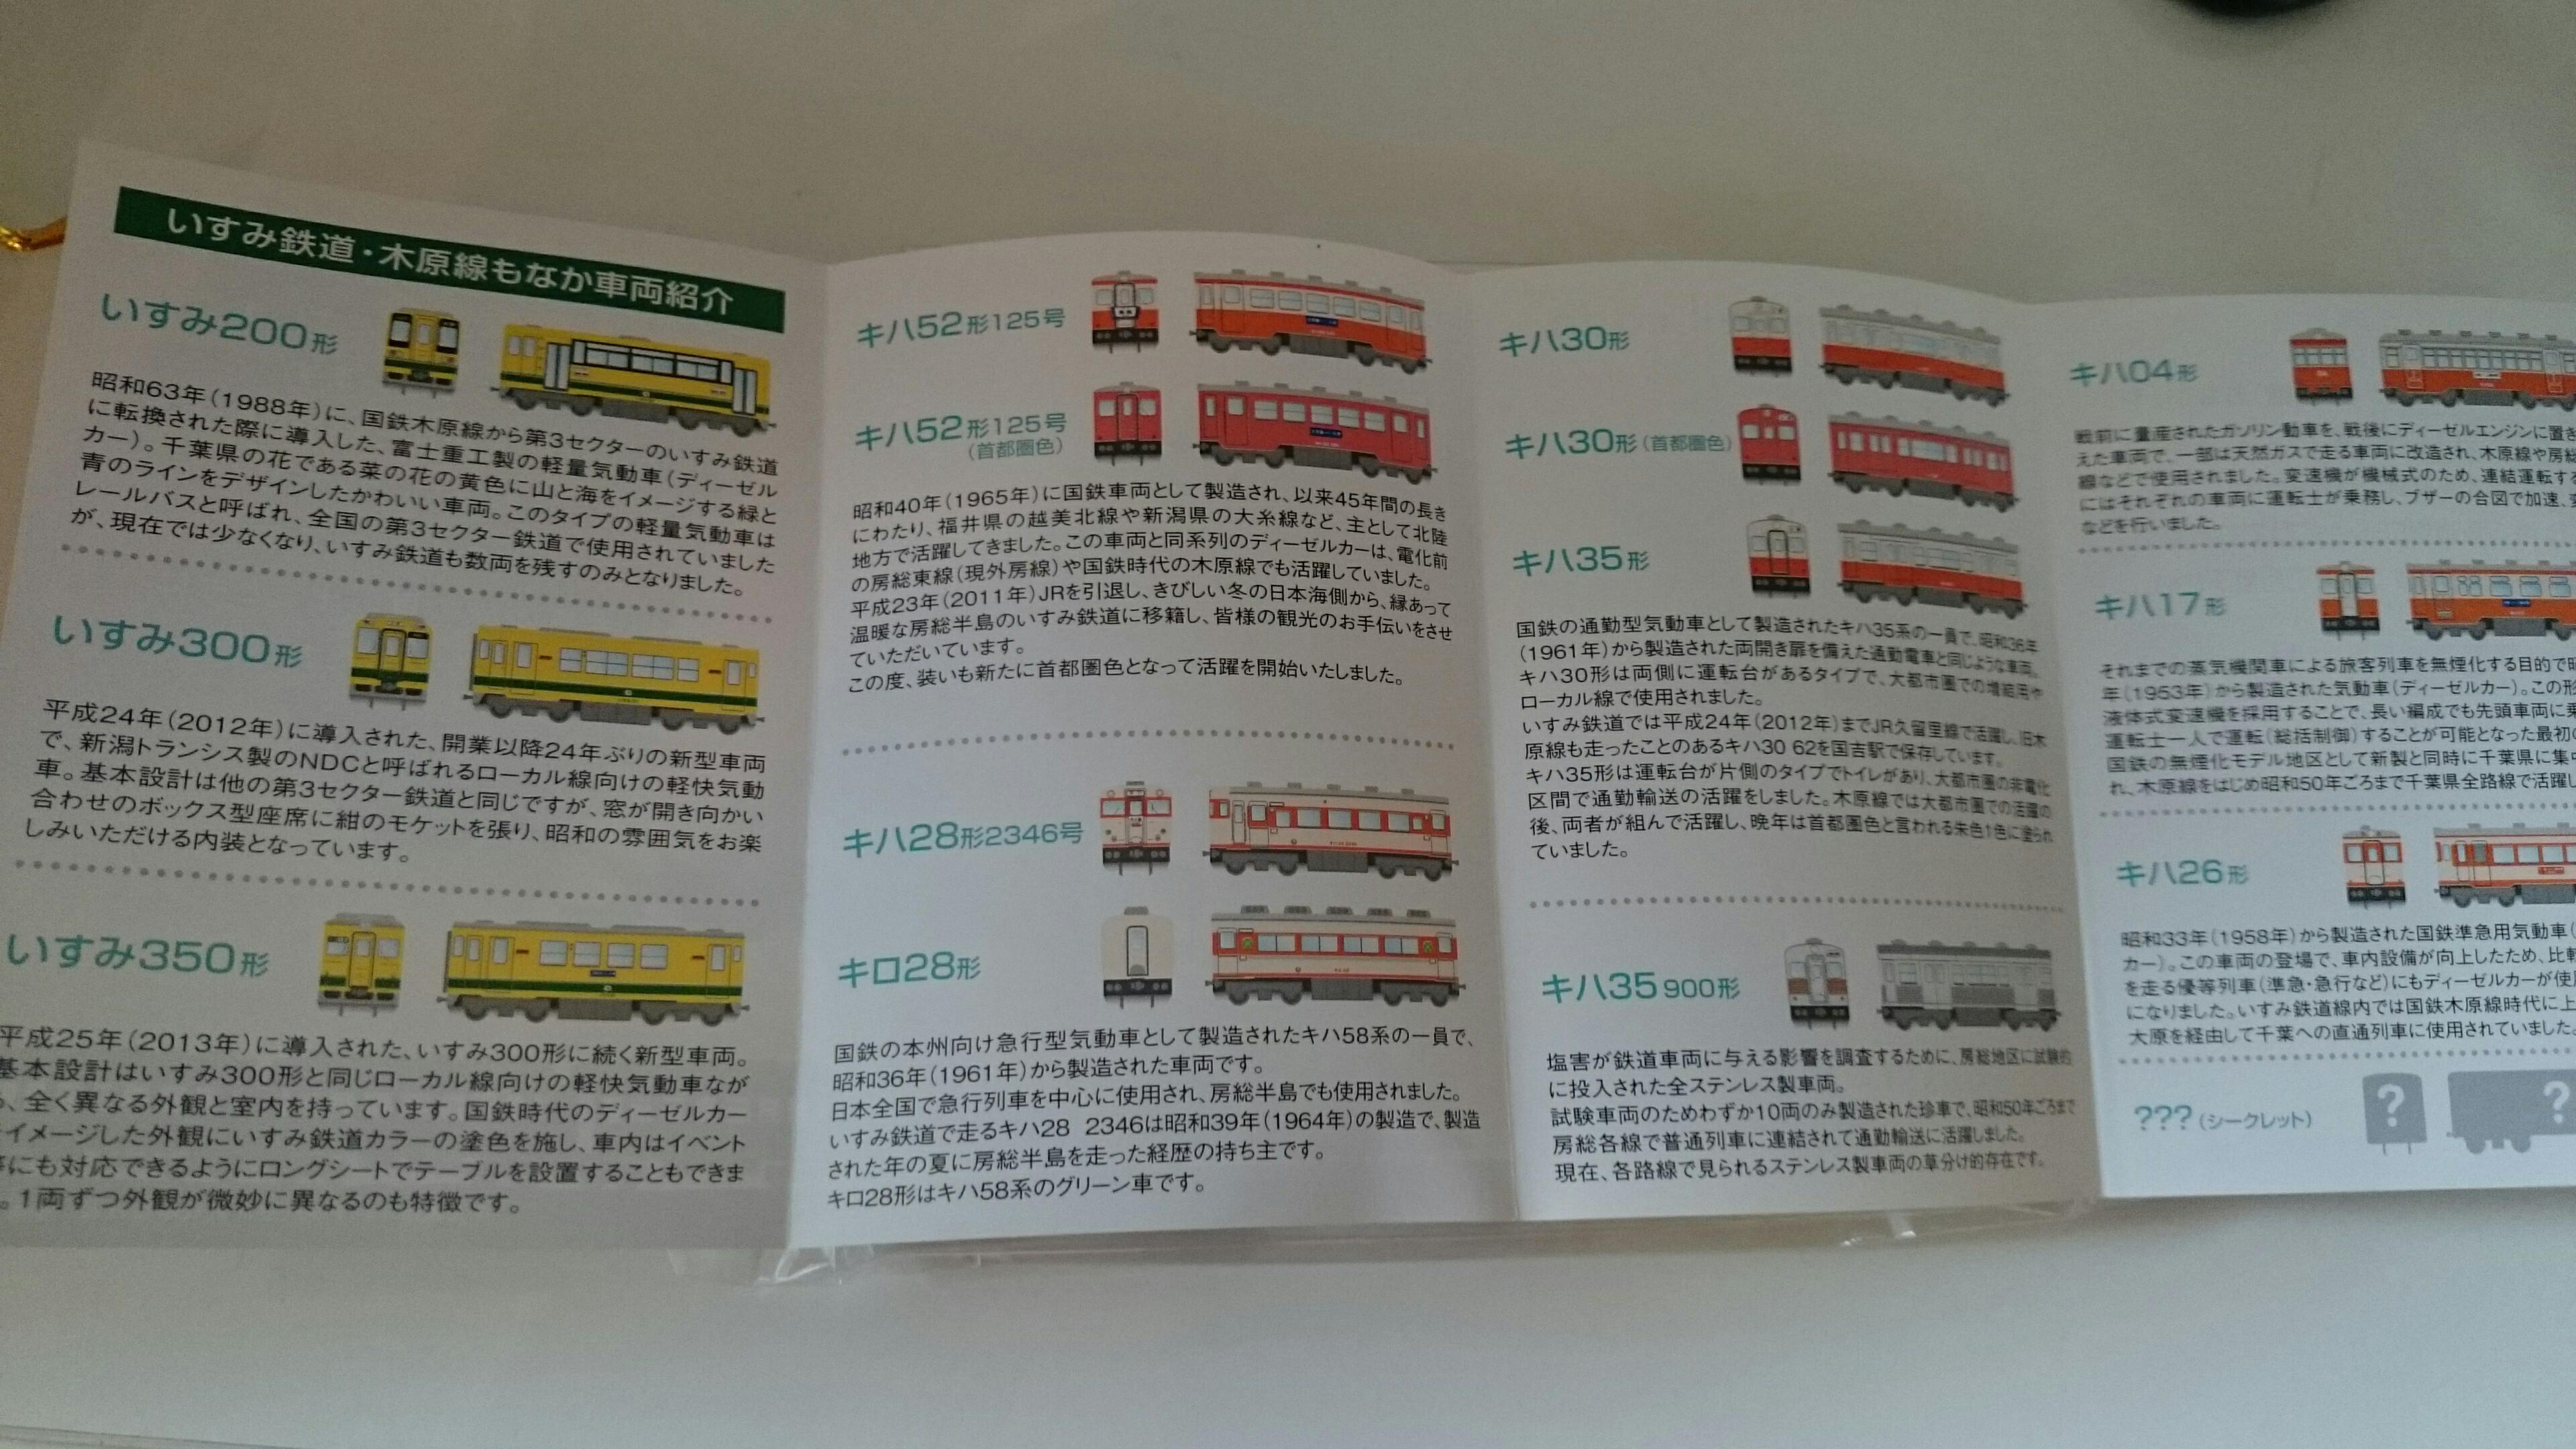 f:id:shiika-0620:20170823174252j:plain